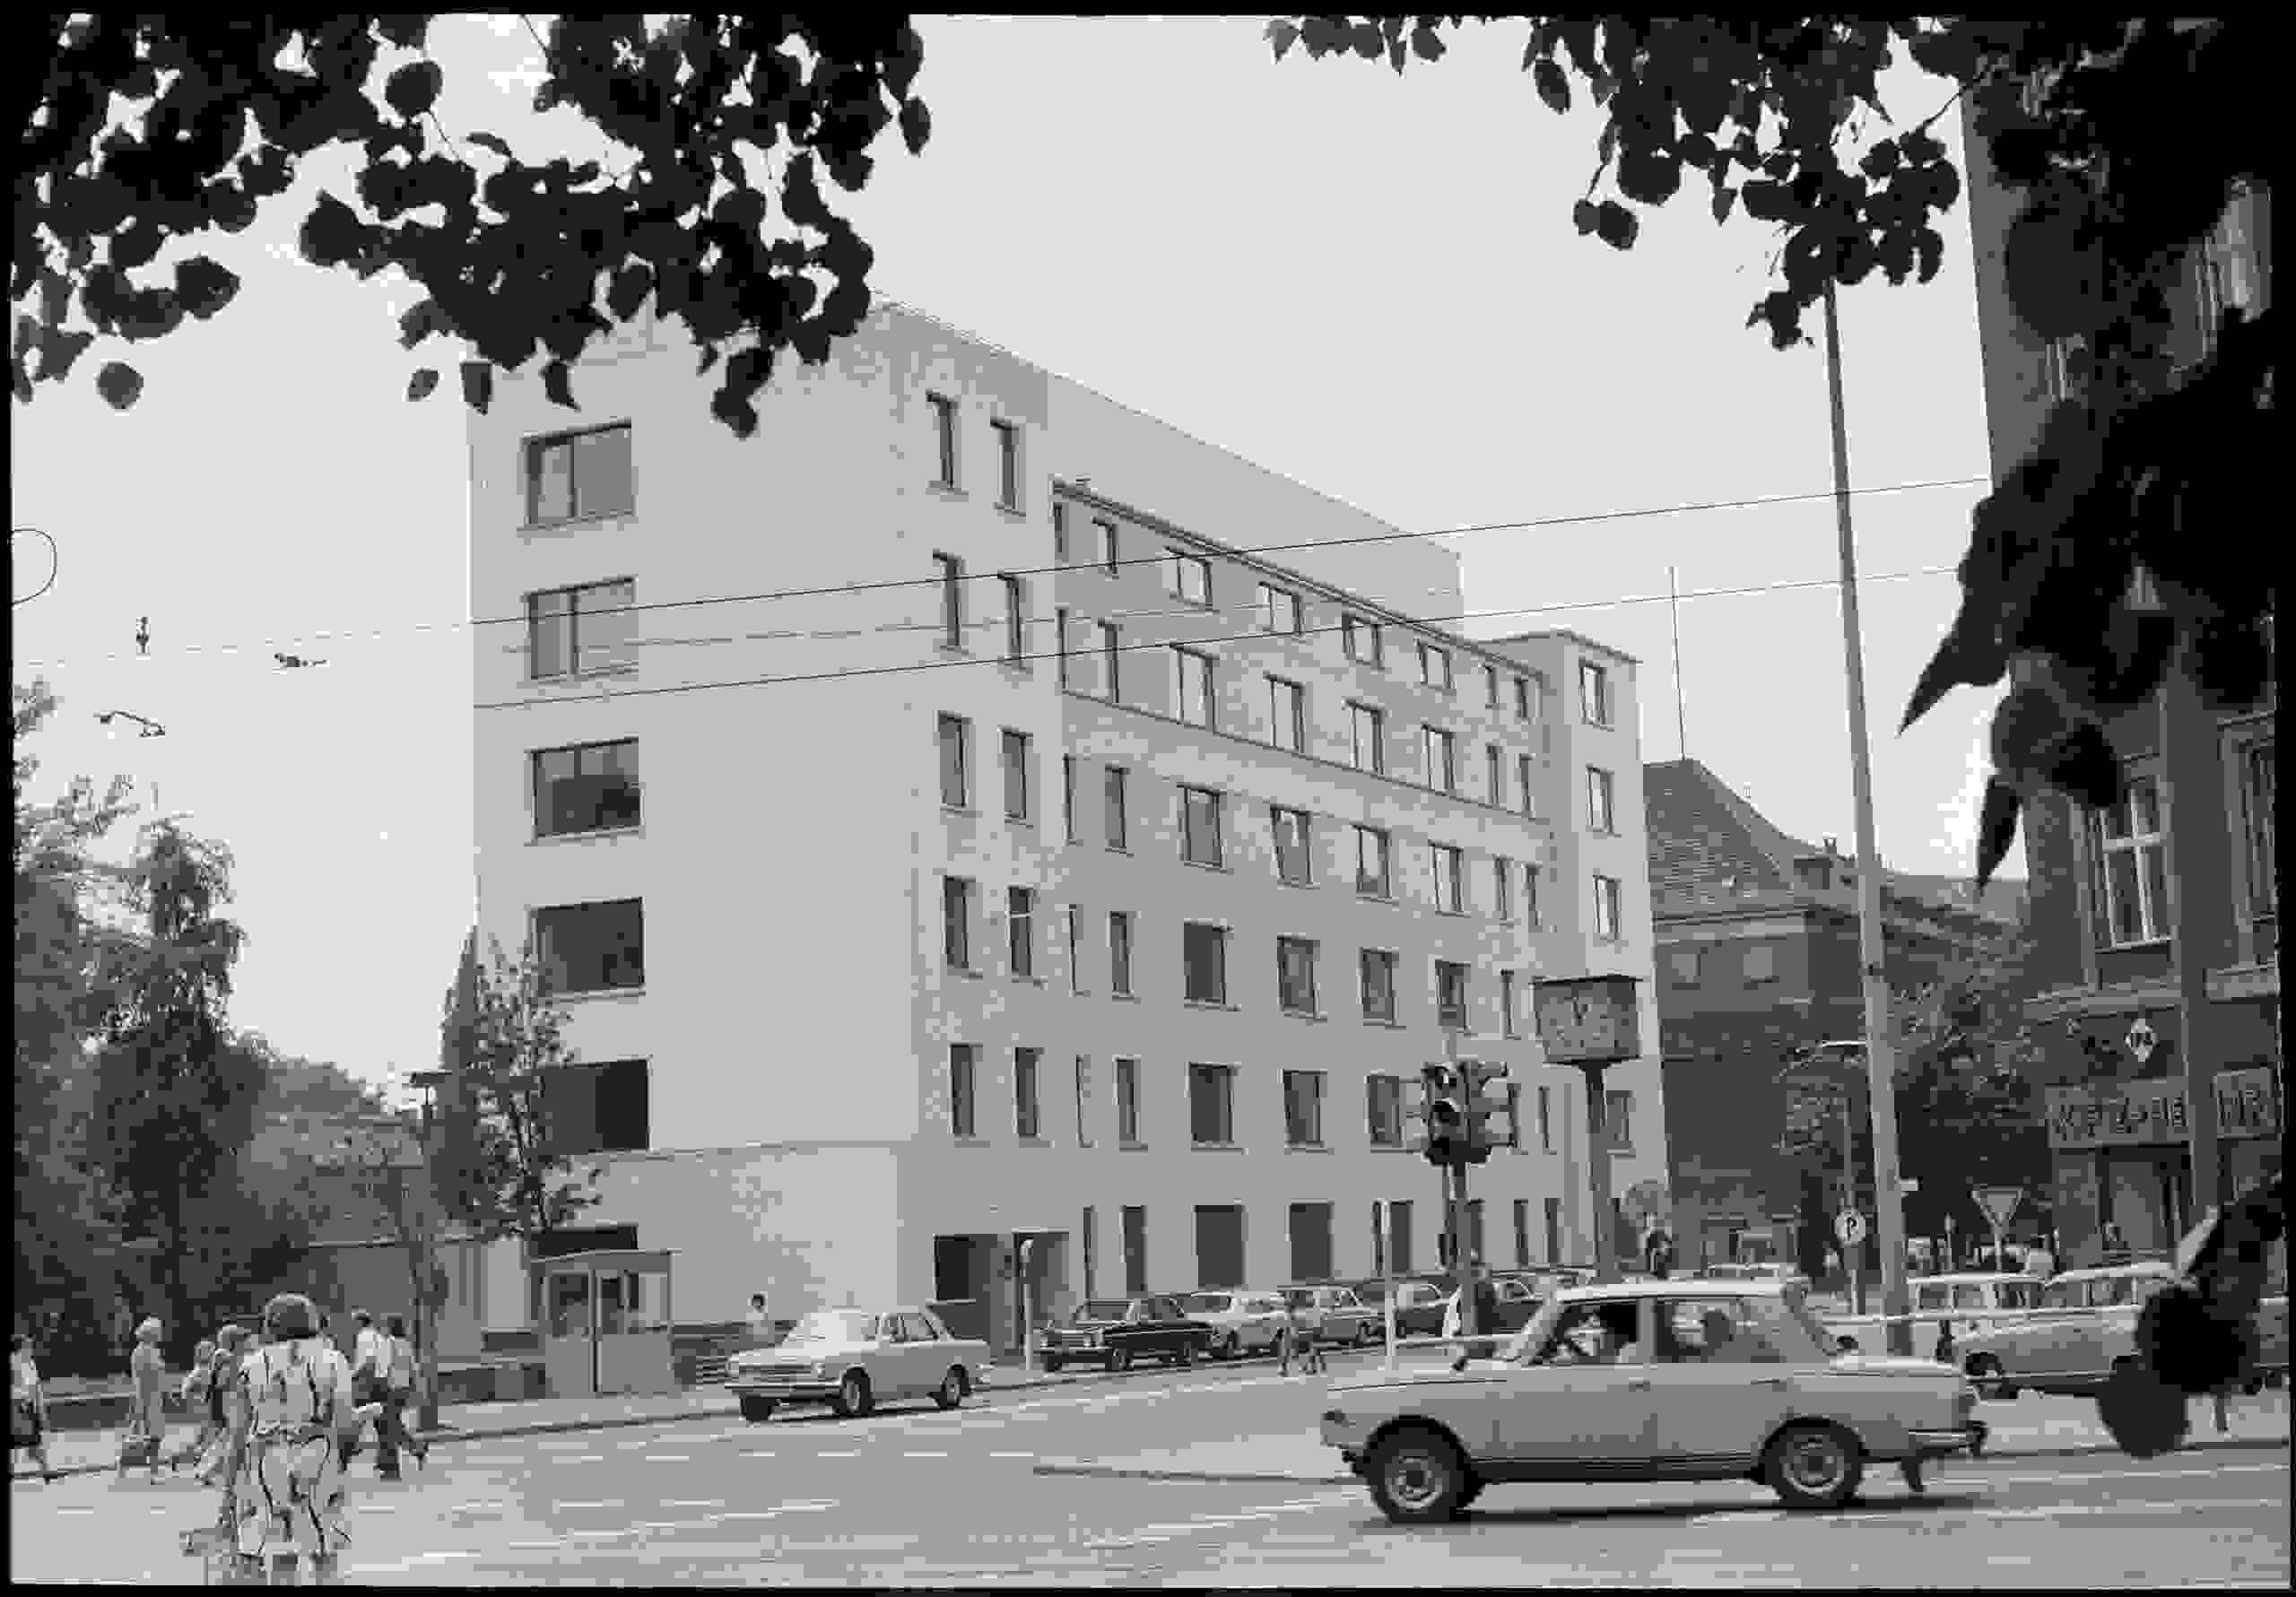 Die Ständige Vertretung der Bundesrepublik Deutschland in der DDR, Hannoversche Straße 30, in Ost-Berlin 1974